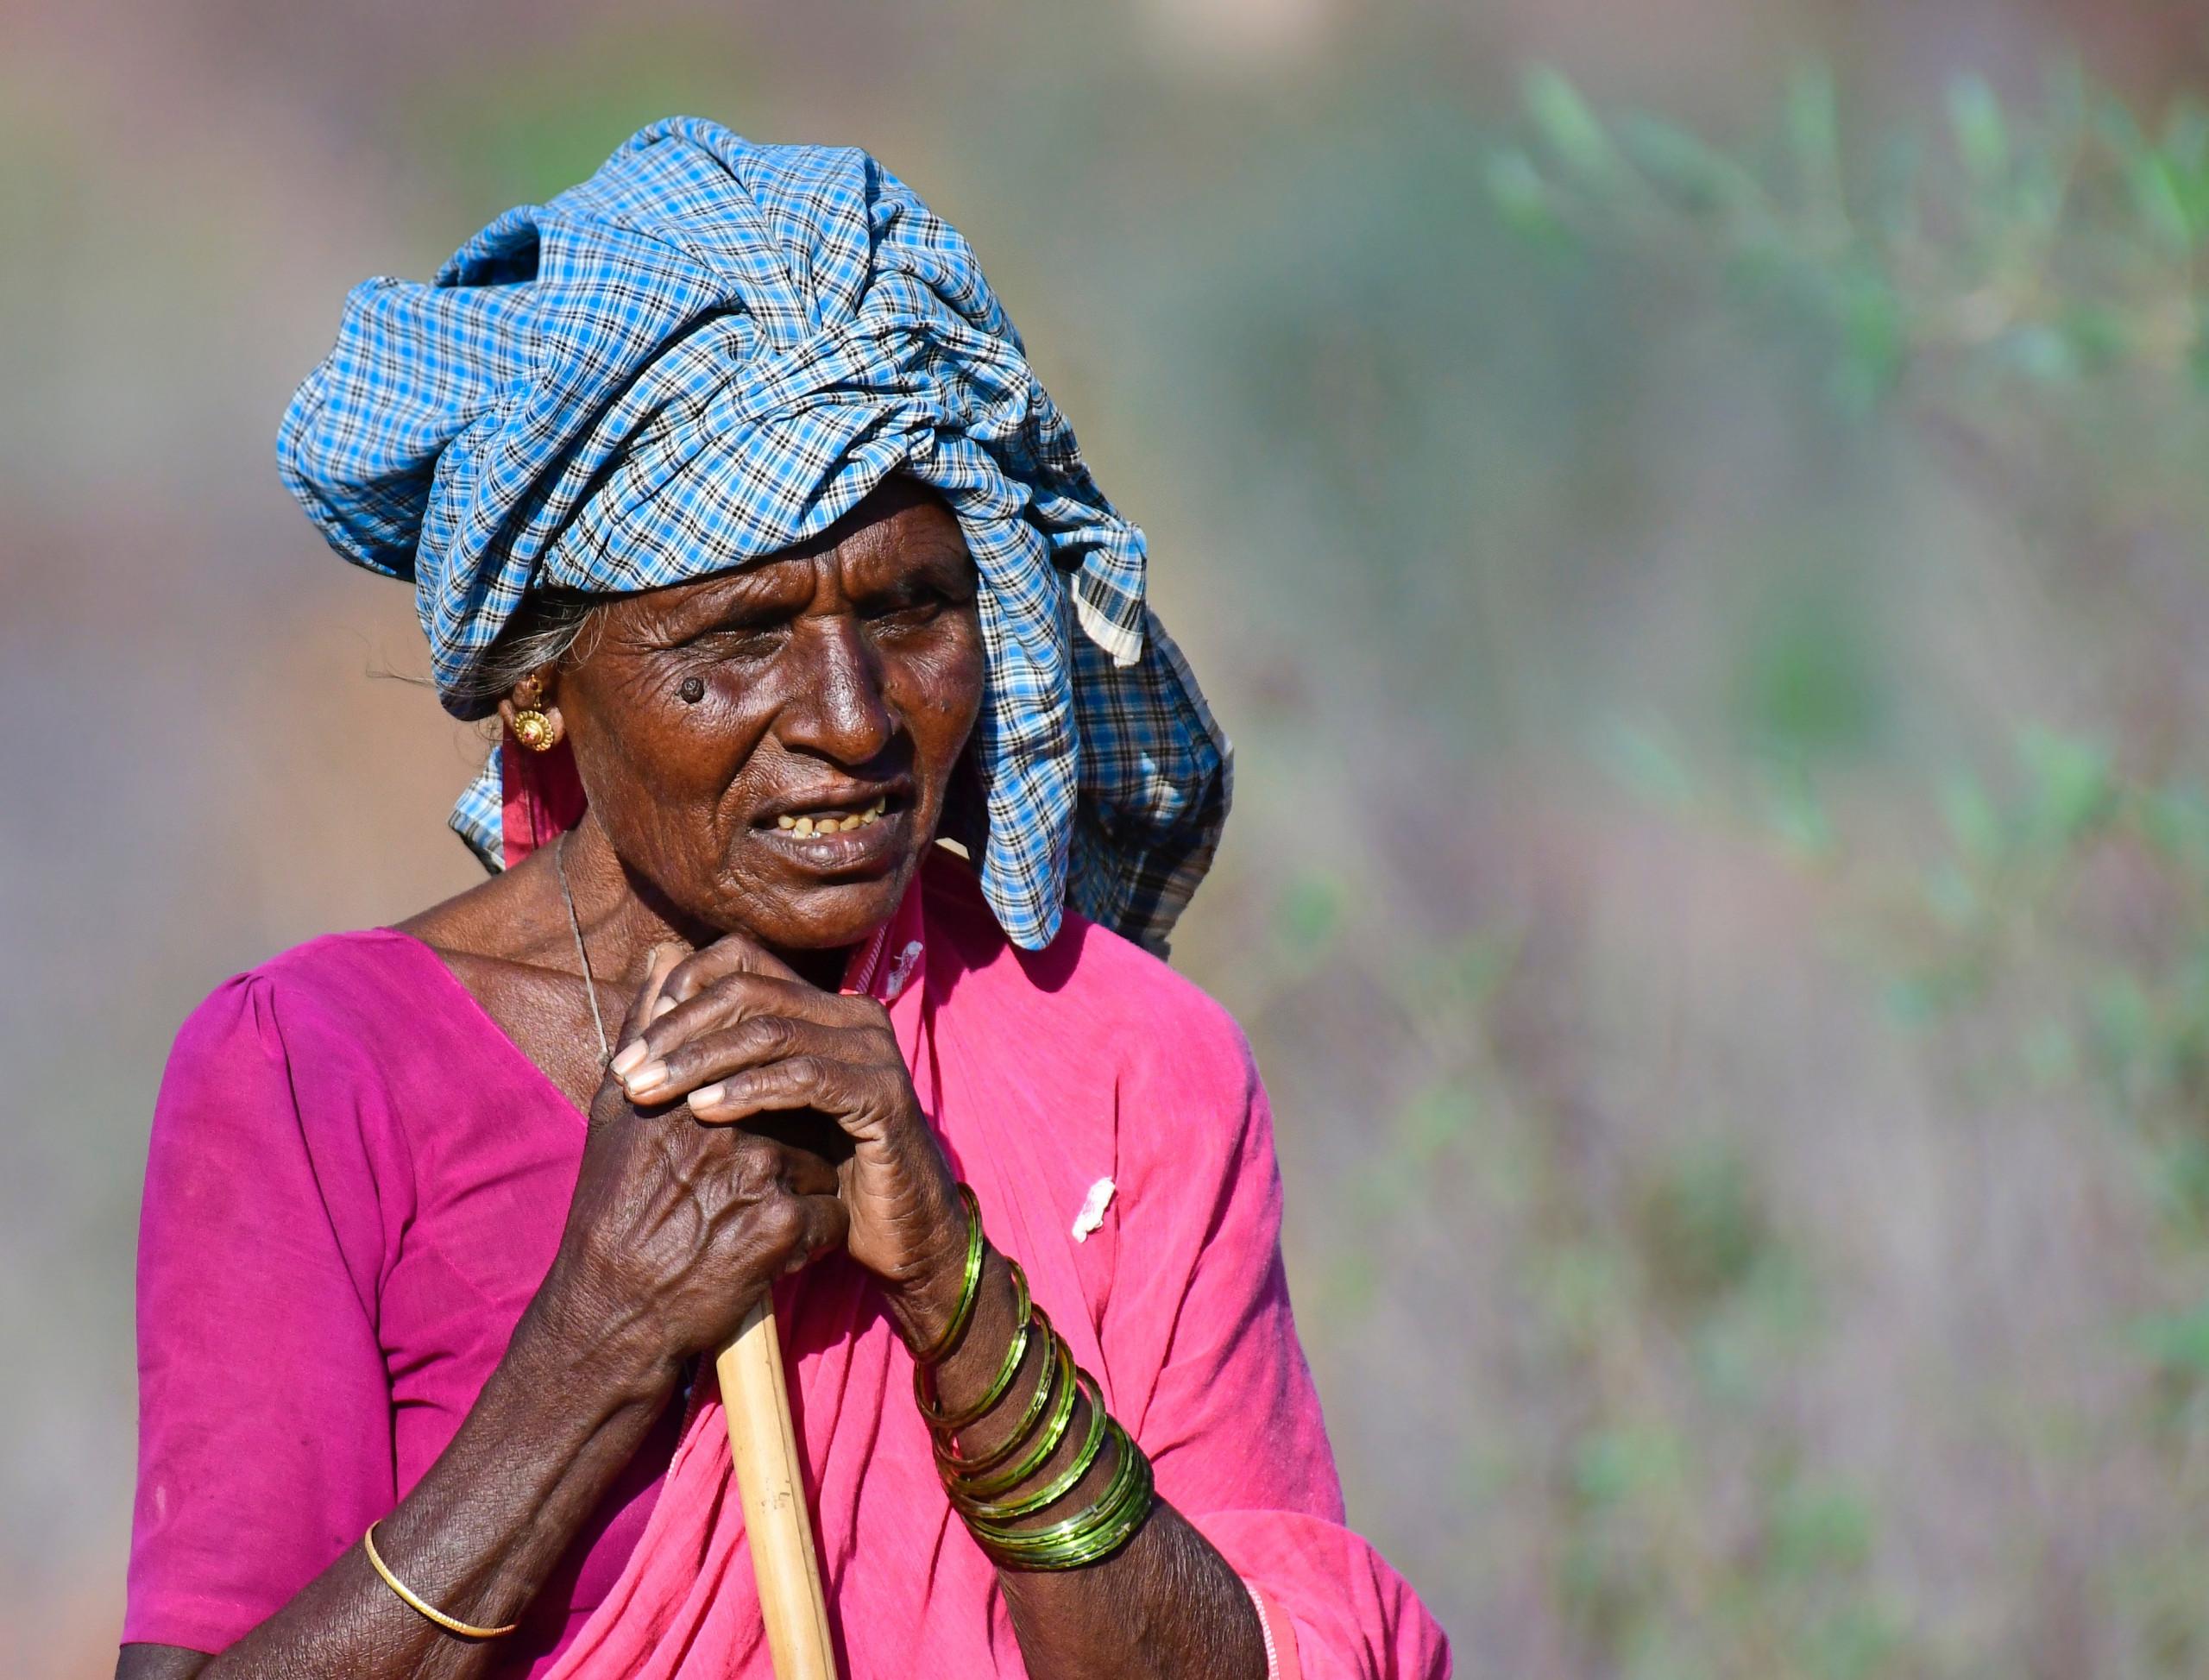 Ein weibliches Mitglied eines Aborigines Stamm